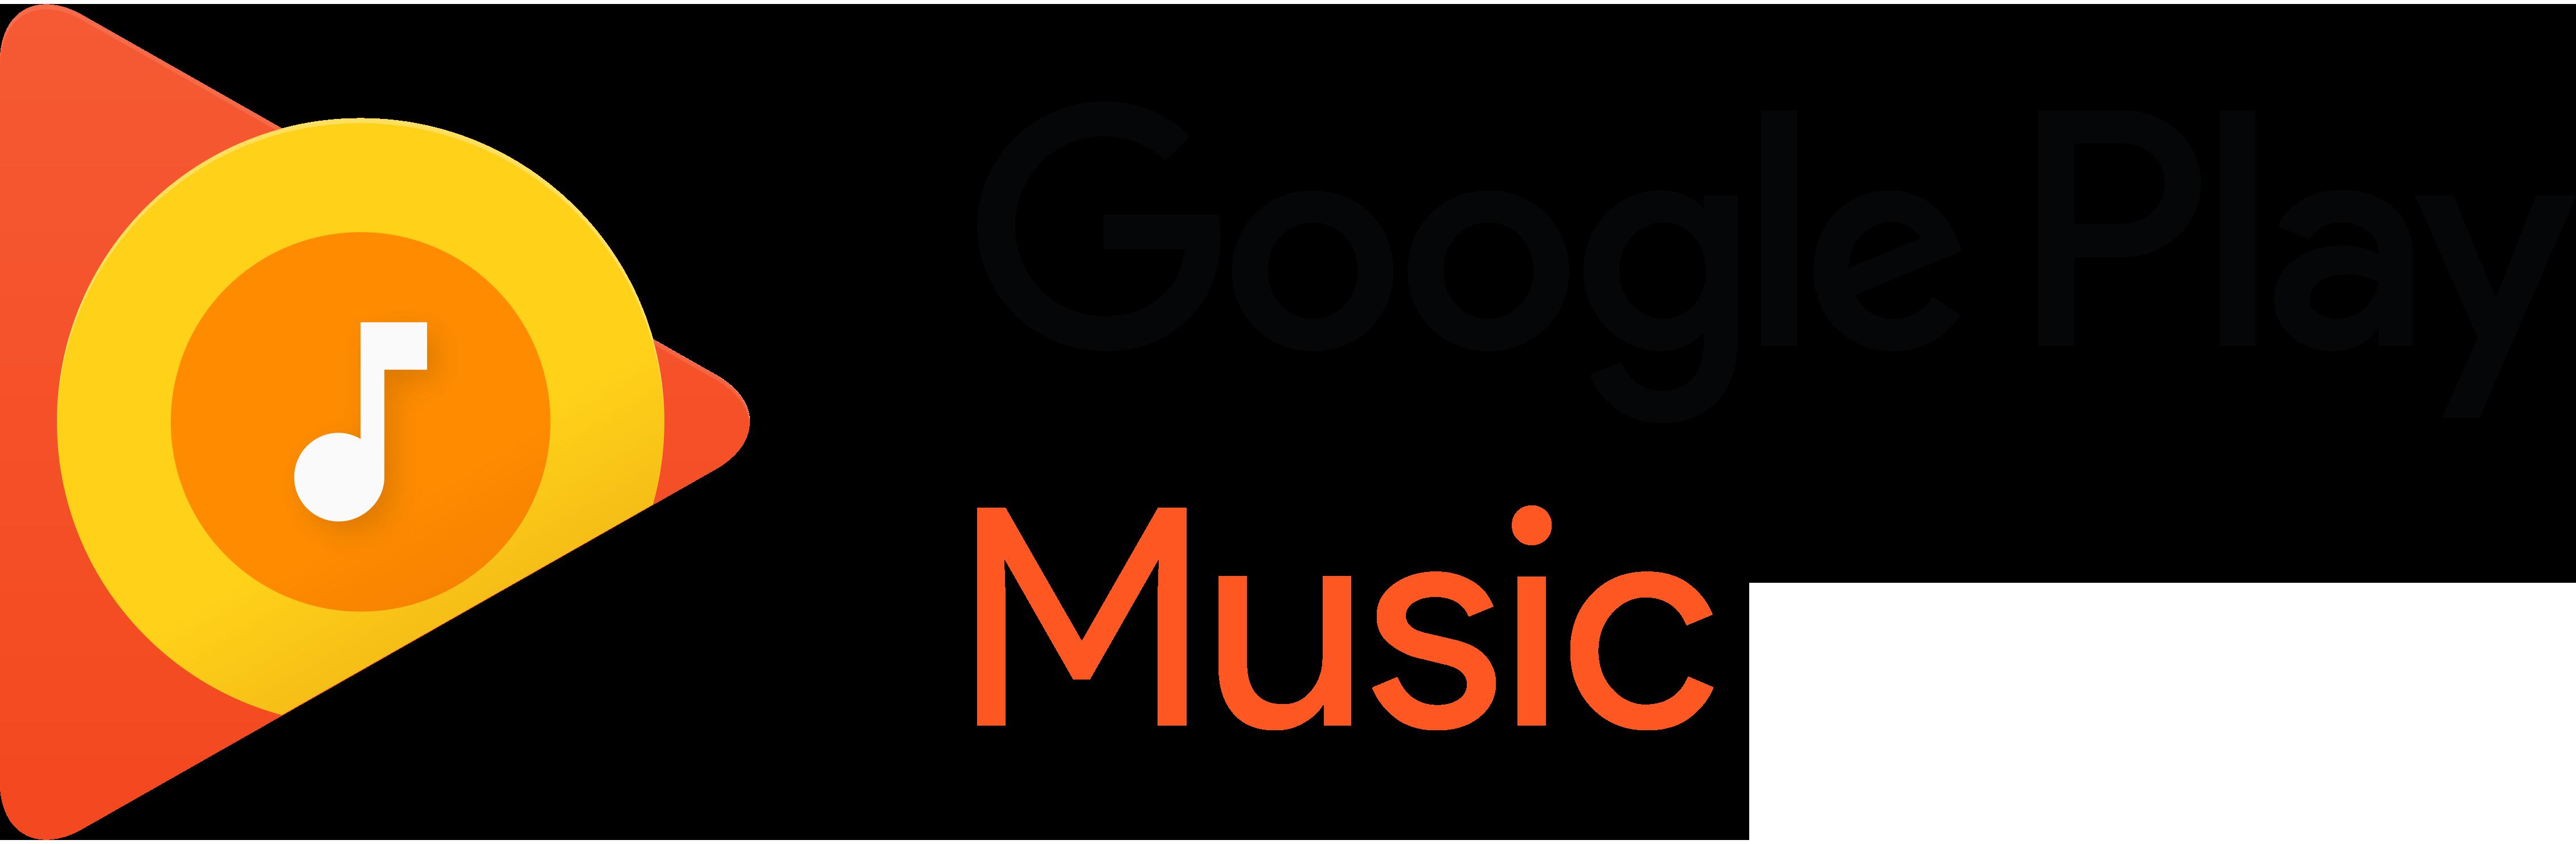 que tenda remix descargar google